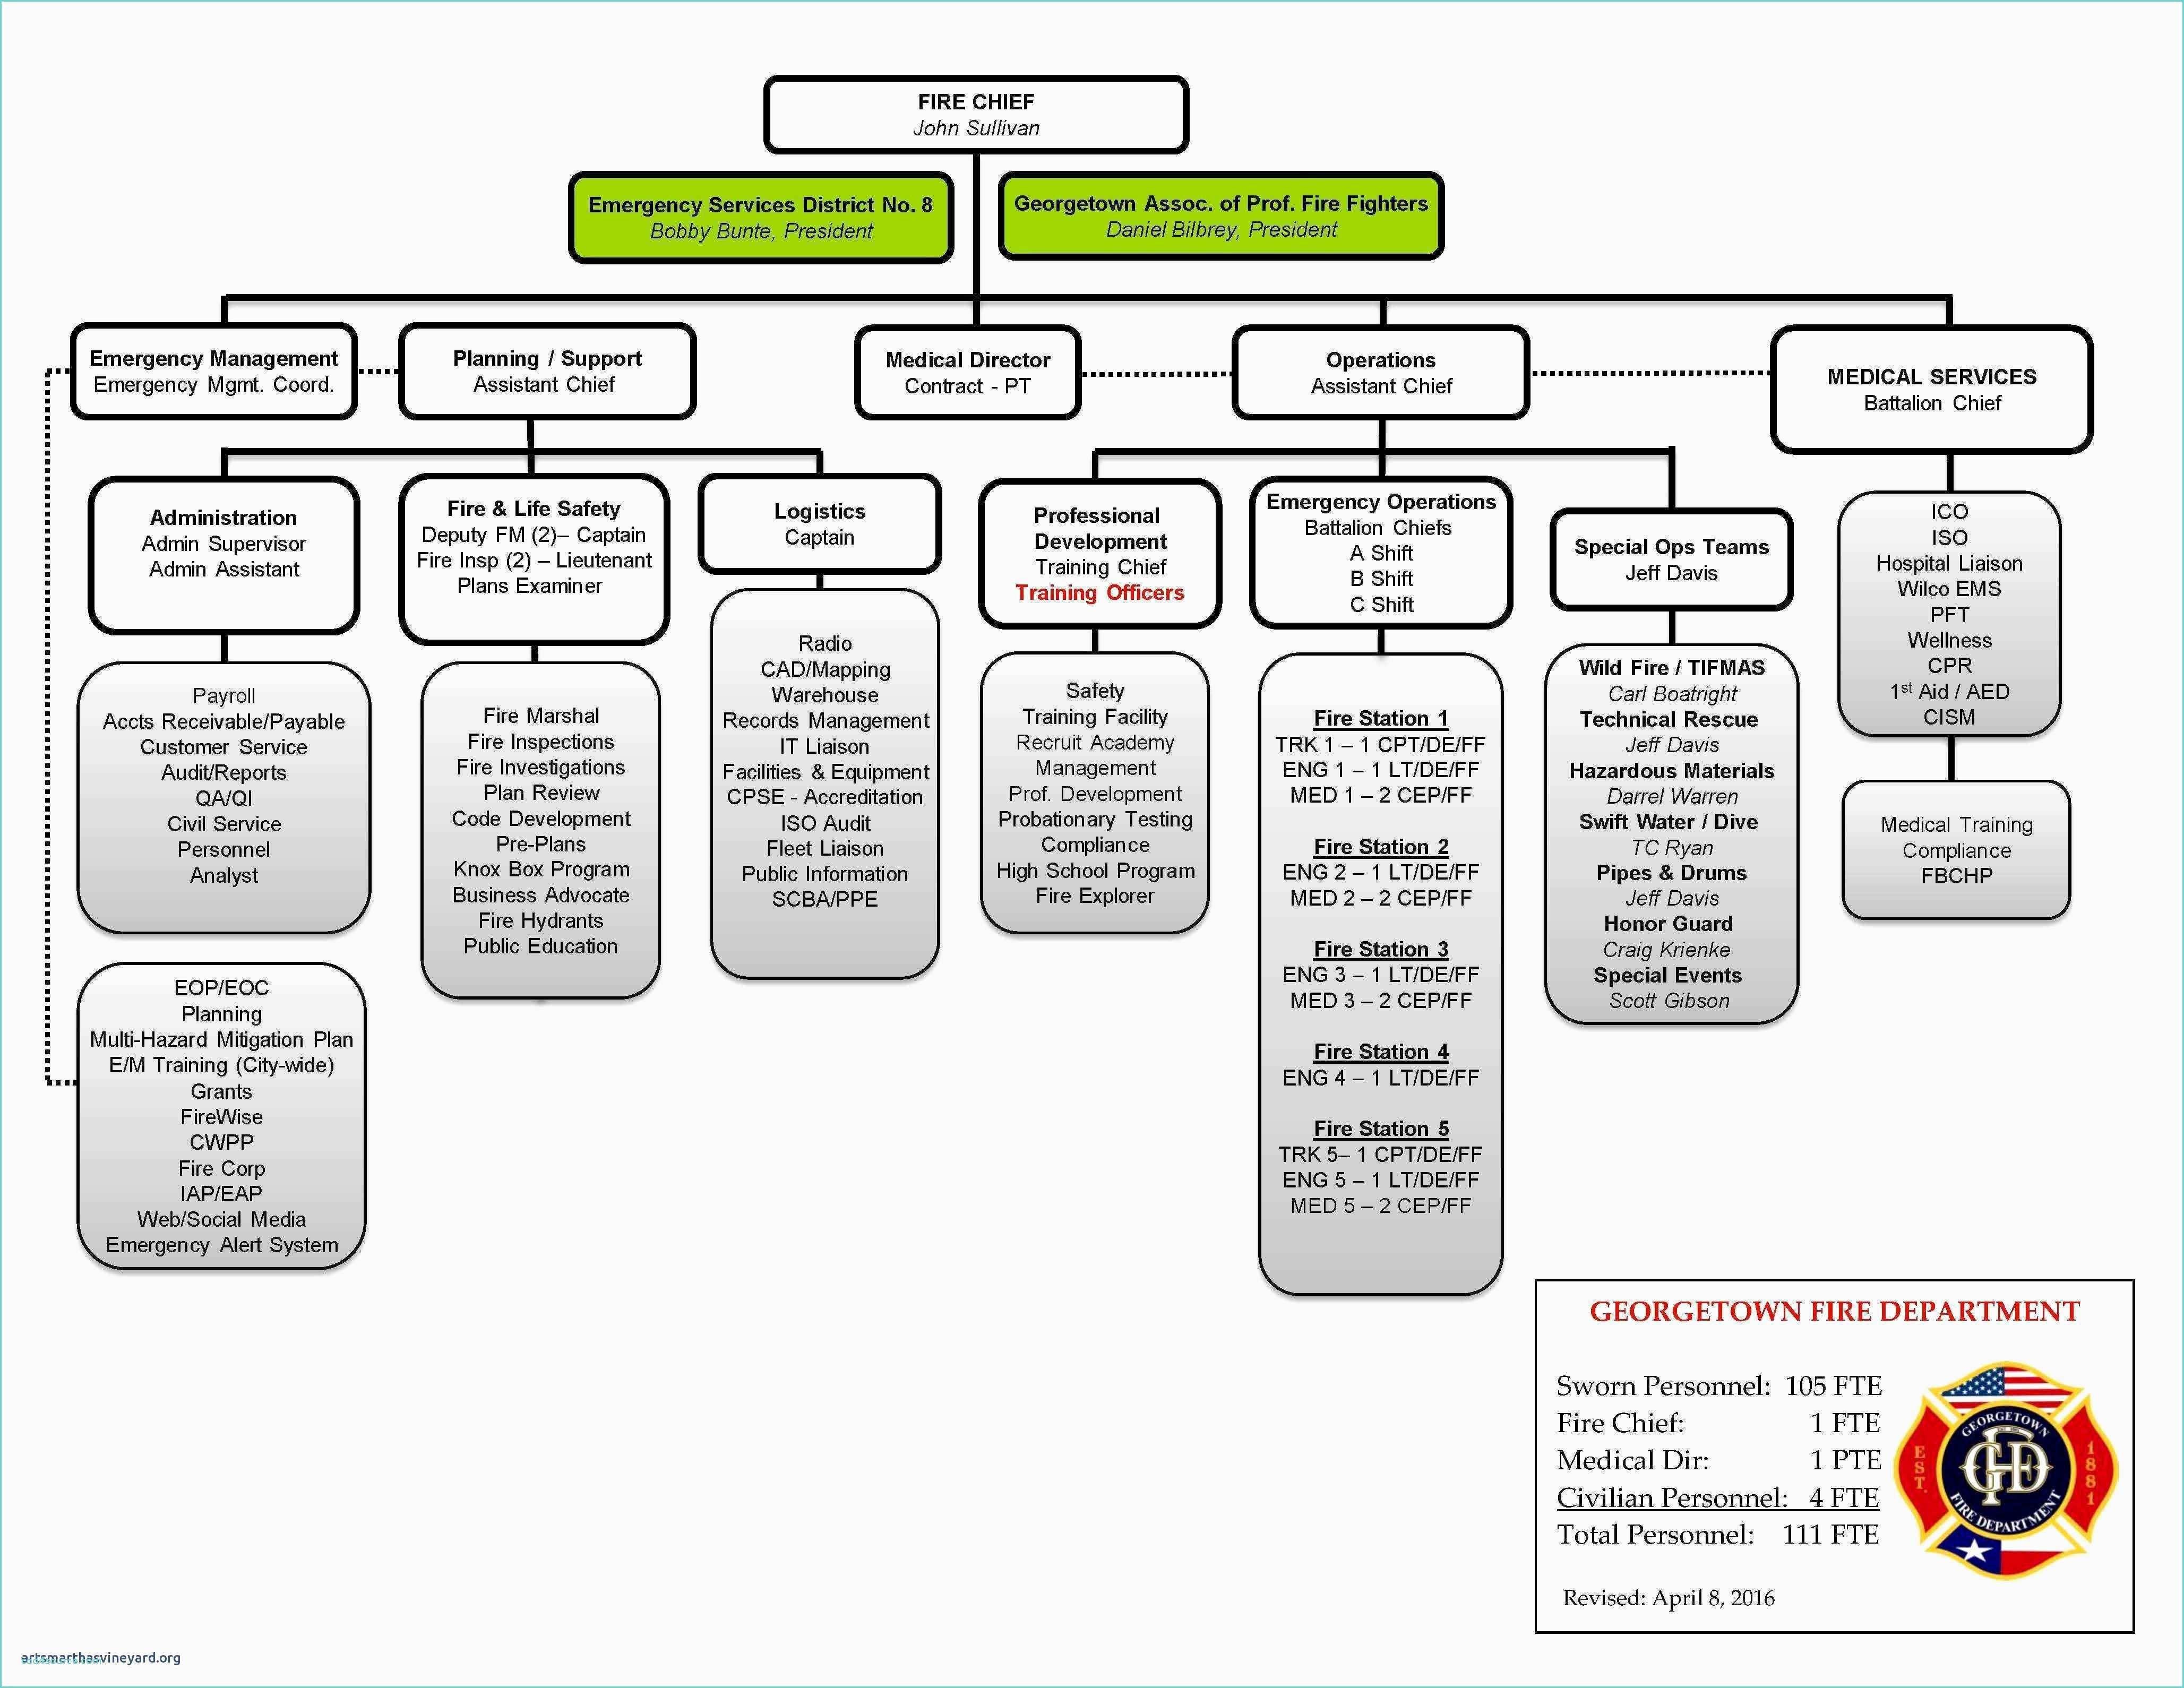 Visio Data Flow Diagram